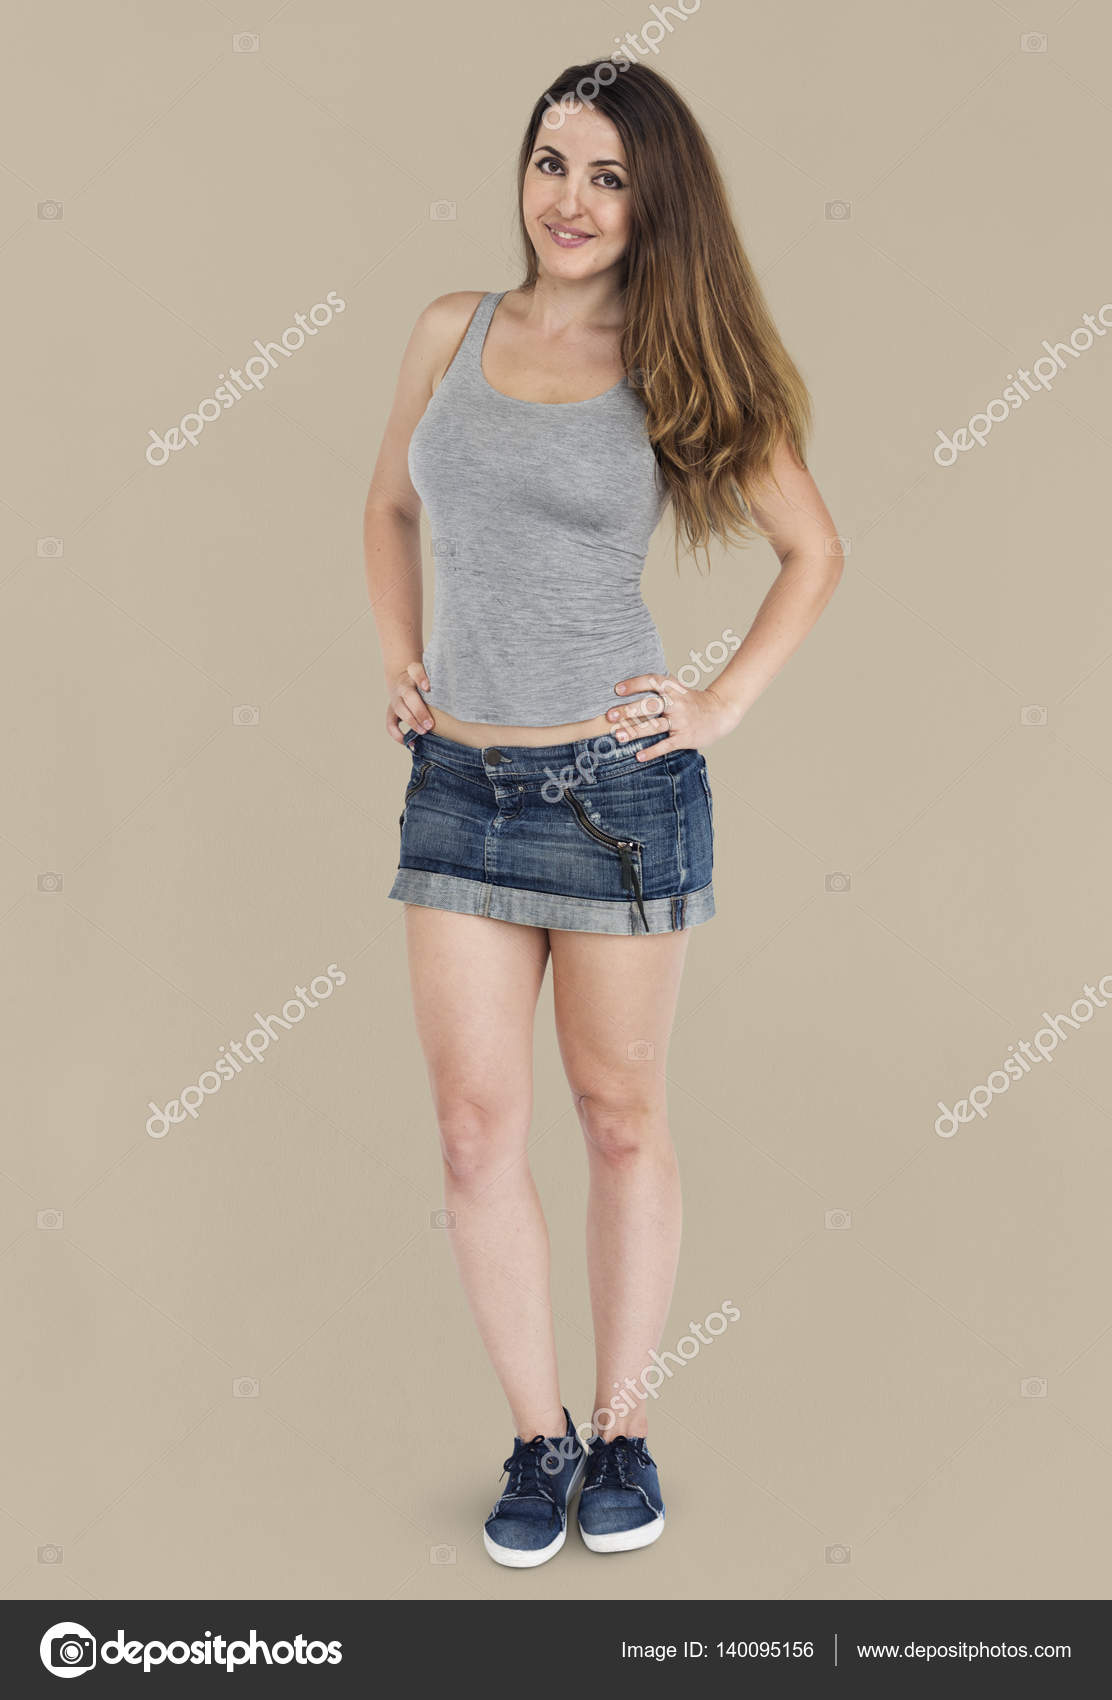 Сдают русское девушка в джинсовой юбке позирует лице мужчины